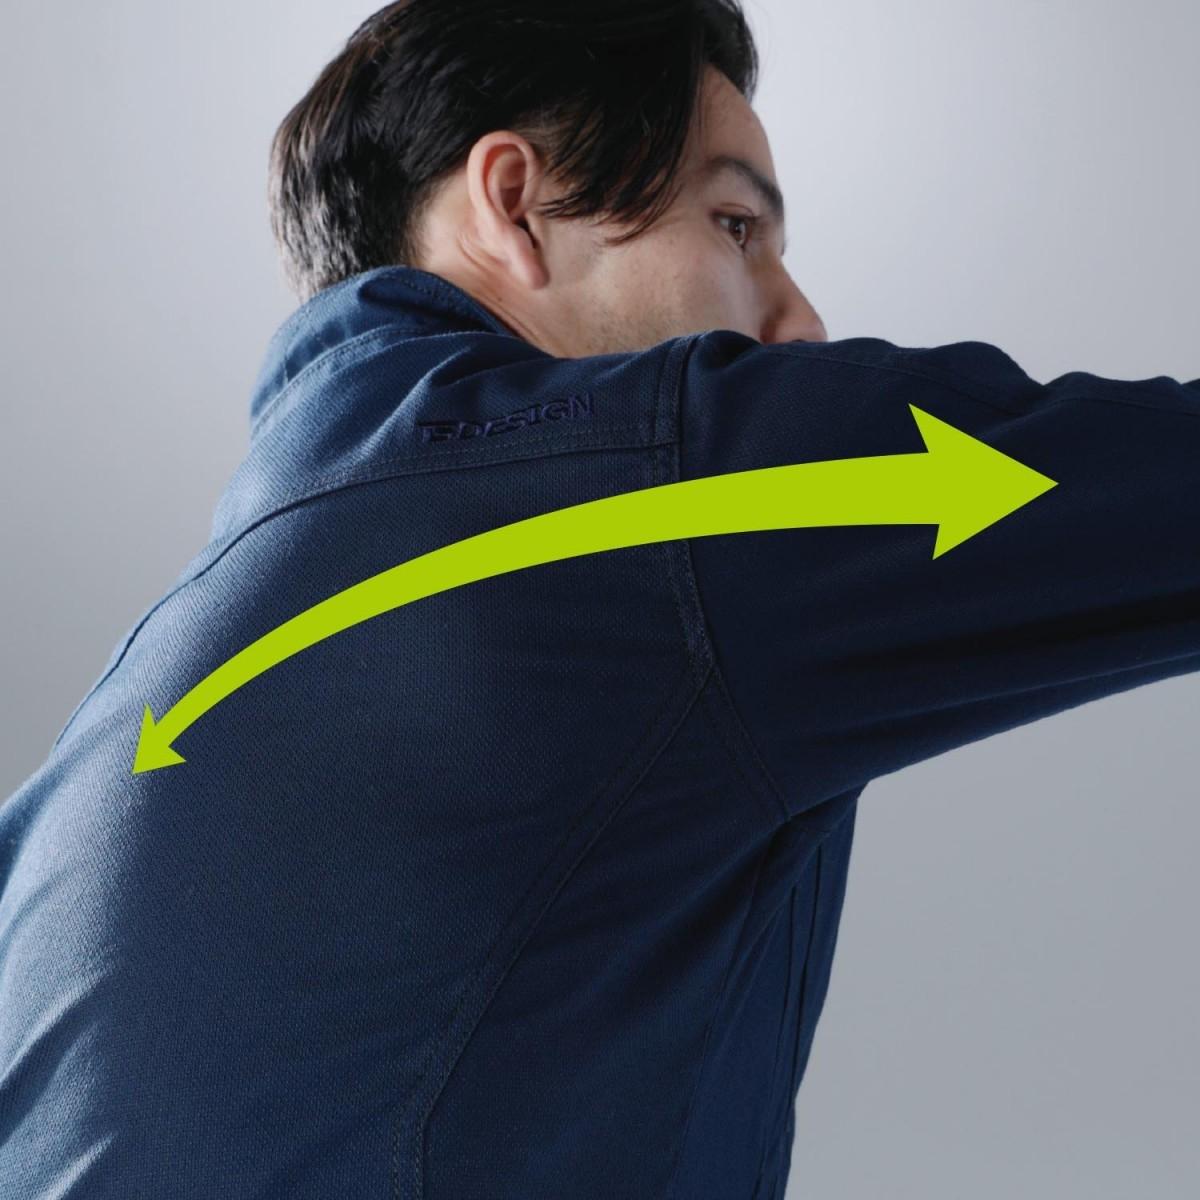 TS DESIGN 3516 ジャケット ¥5940(税込)アームもぐっと伸びる、抜群のストレッチ性。